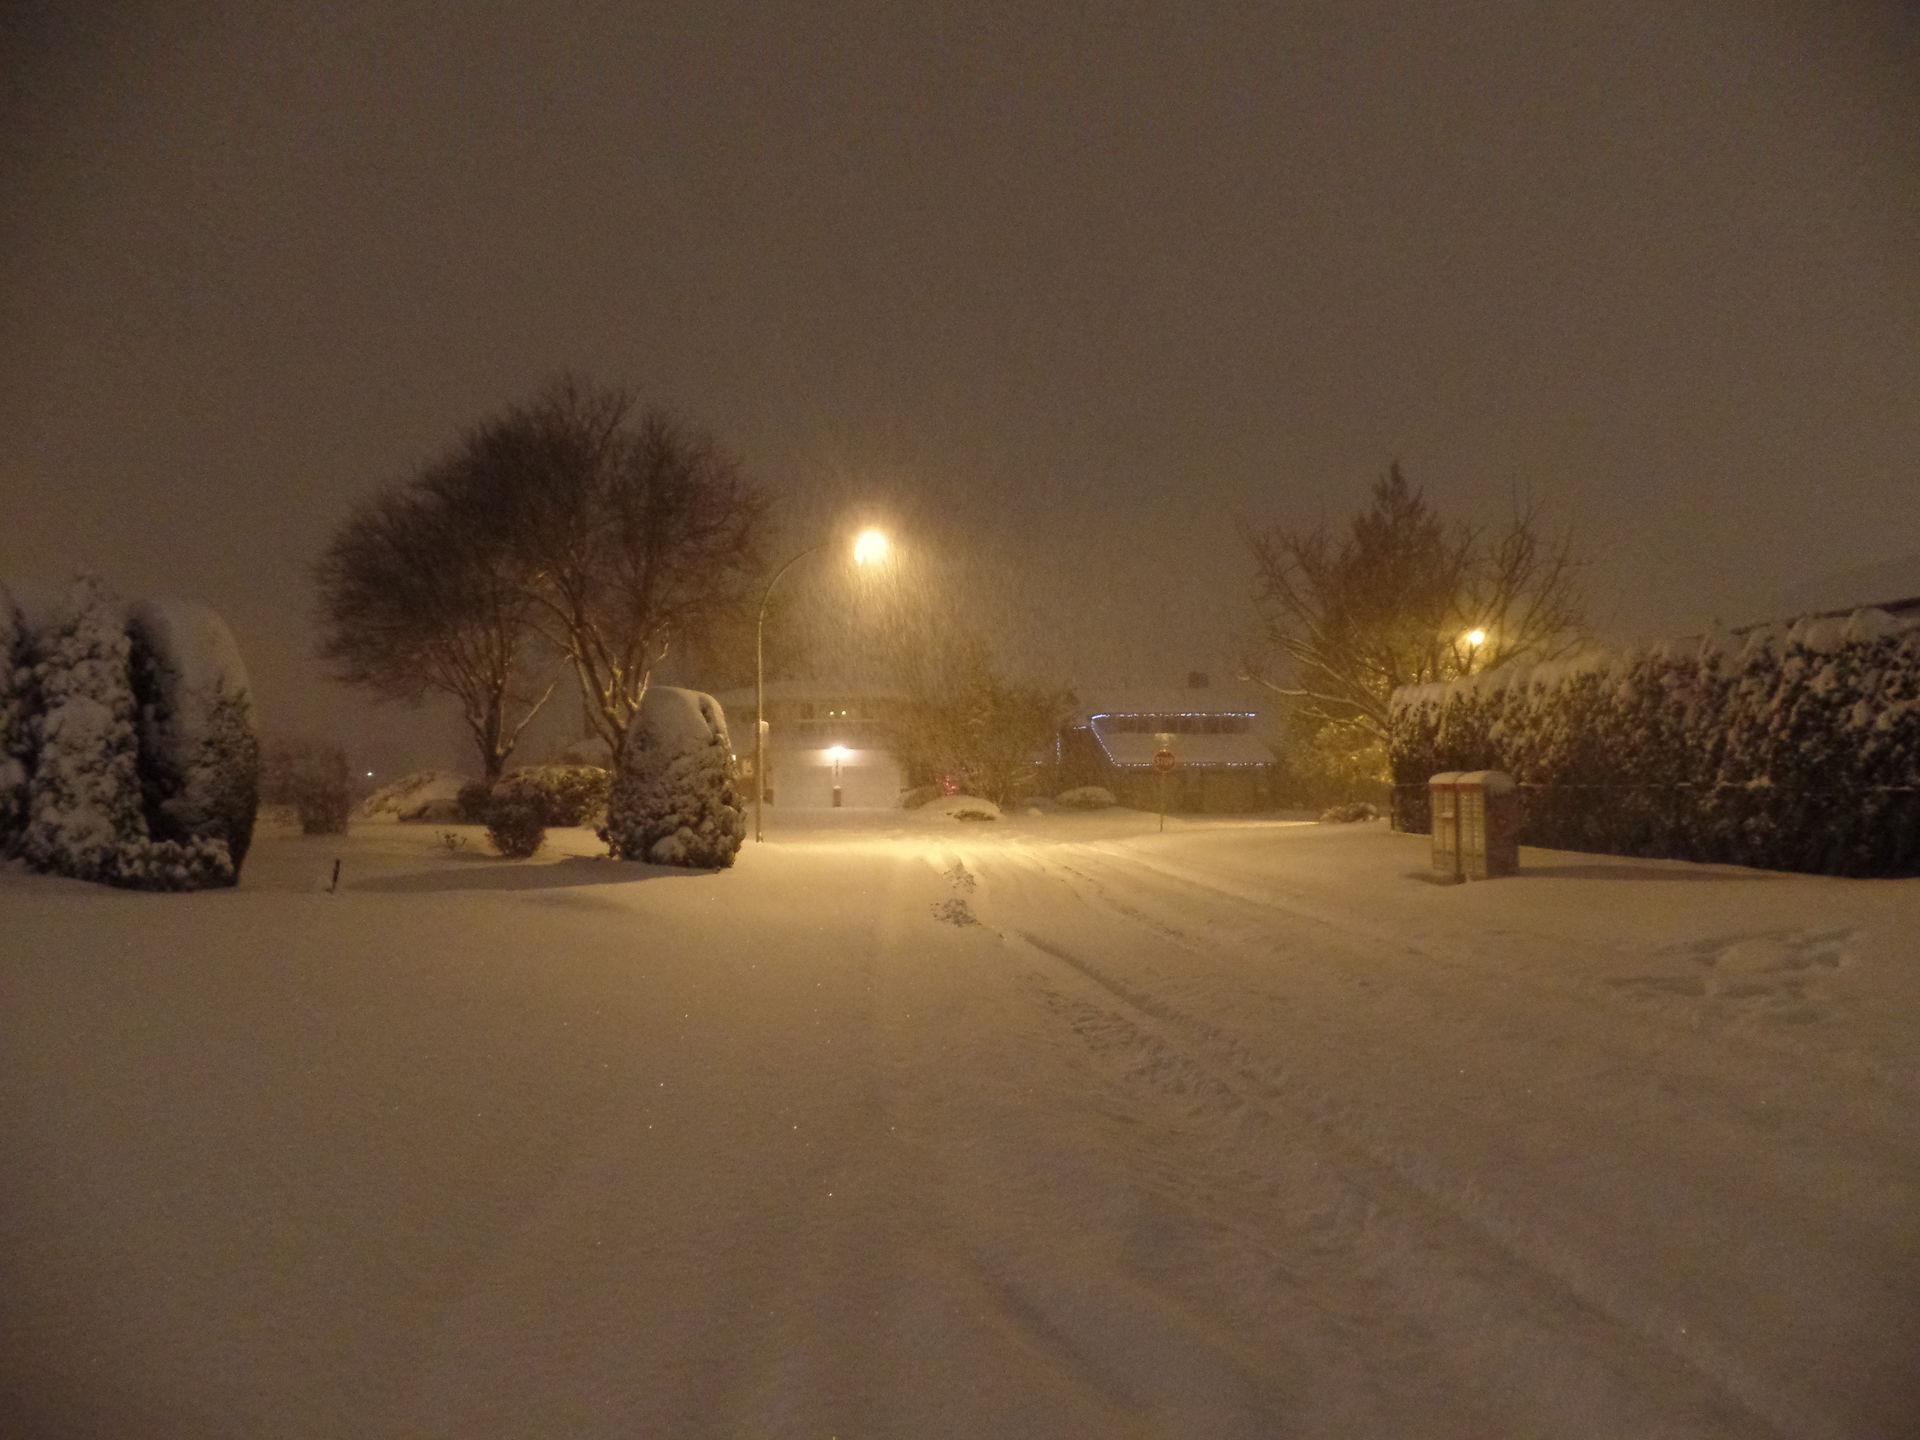 Snowy night n the suburbs